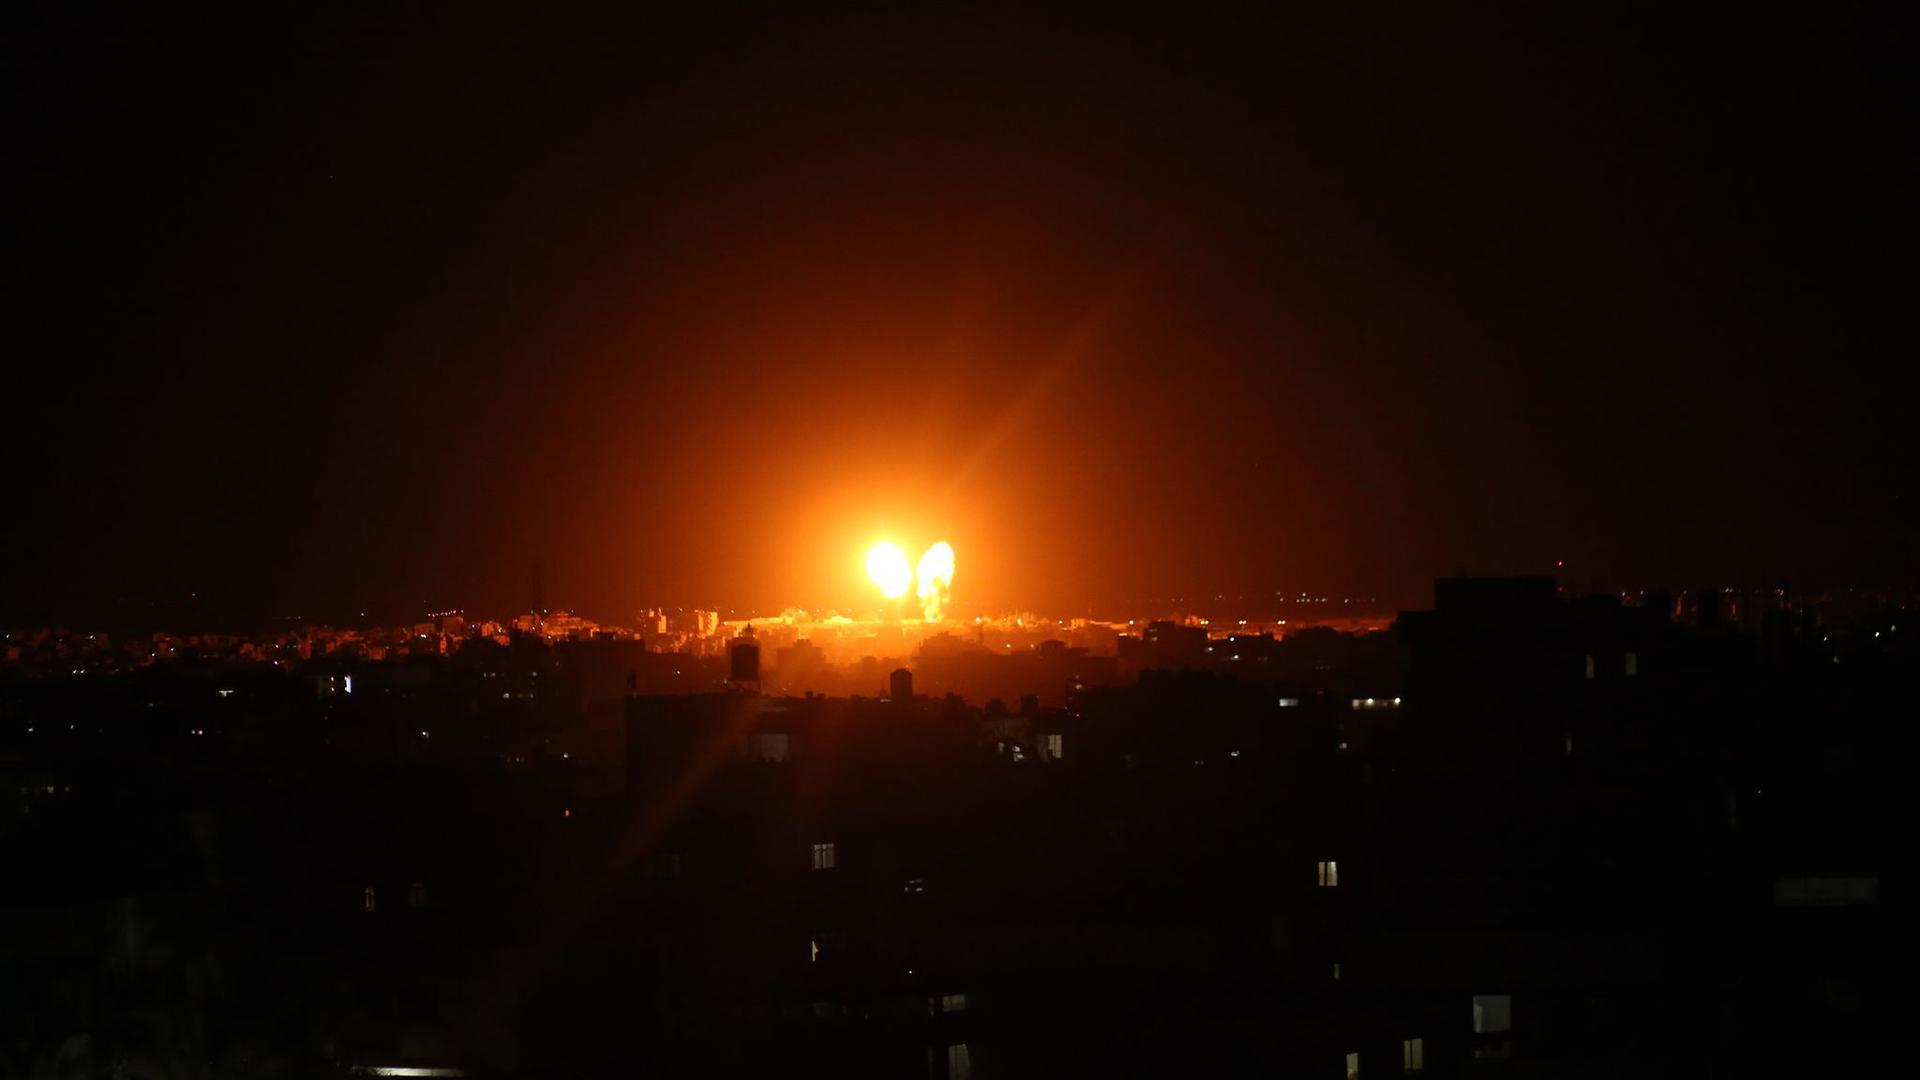 Explosionen erhellen Mitte Juni den Nachthimmel über Gebäuden in Gaza-Stadt, während israelische Streitkräfte den Gazastreifen beschießen (Archivbild).